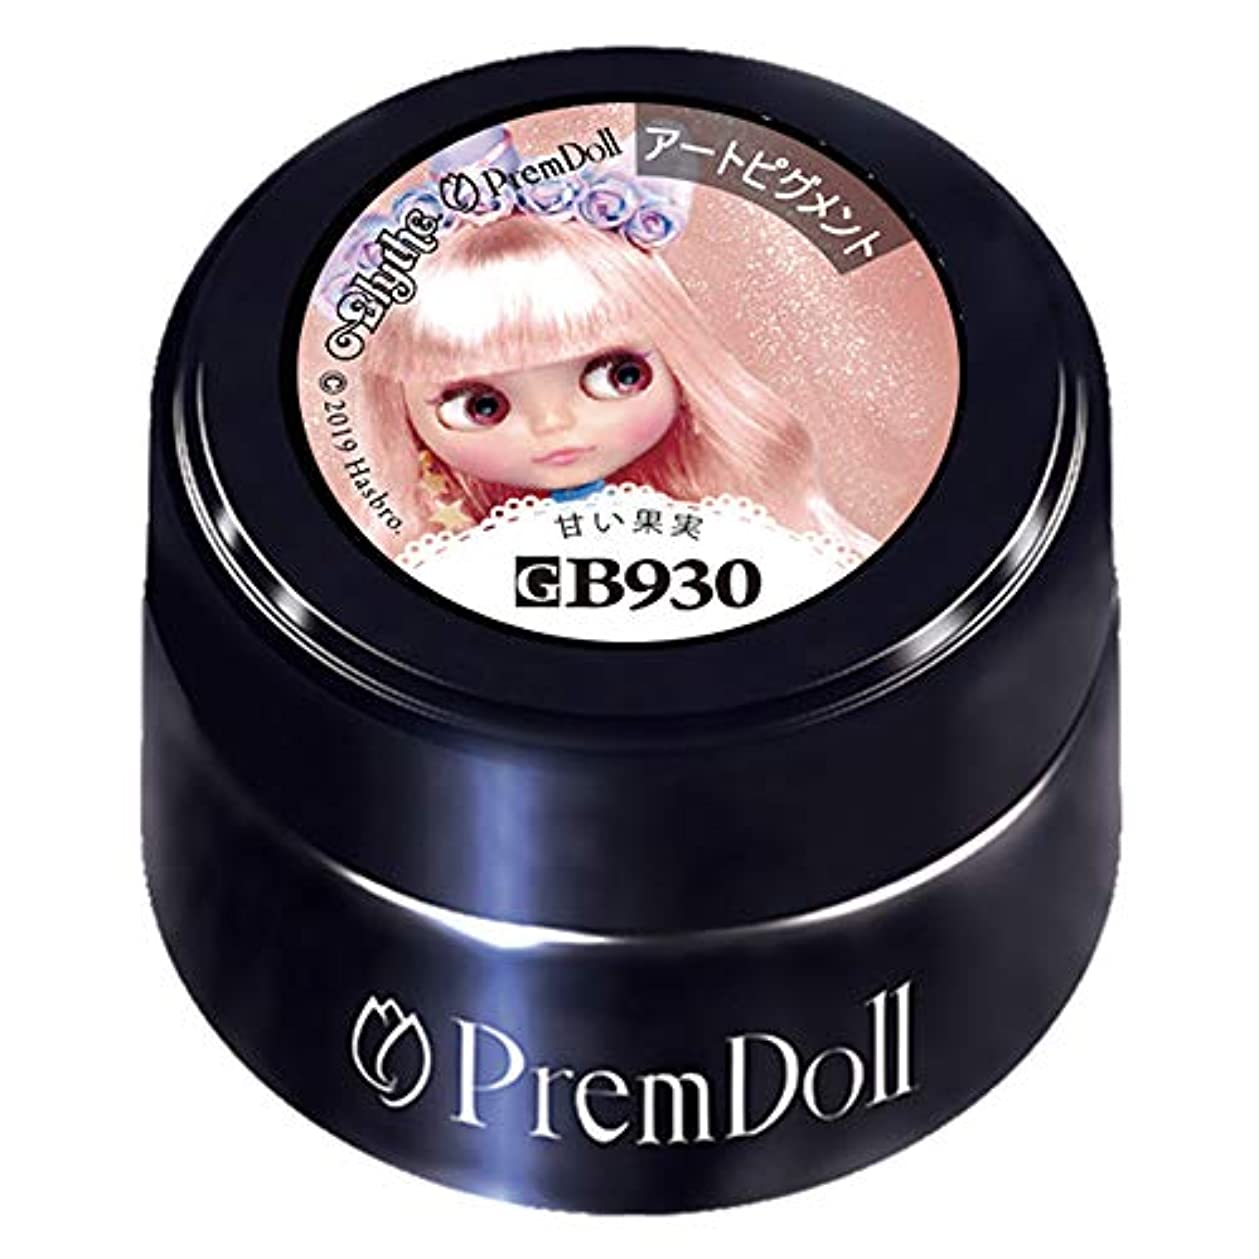 式すばらしいです説明的PRE GEL プリムドール 甘い果実 3g DOLL-B930 カラージェル UV/LED対応